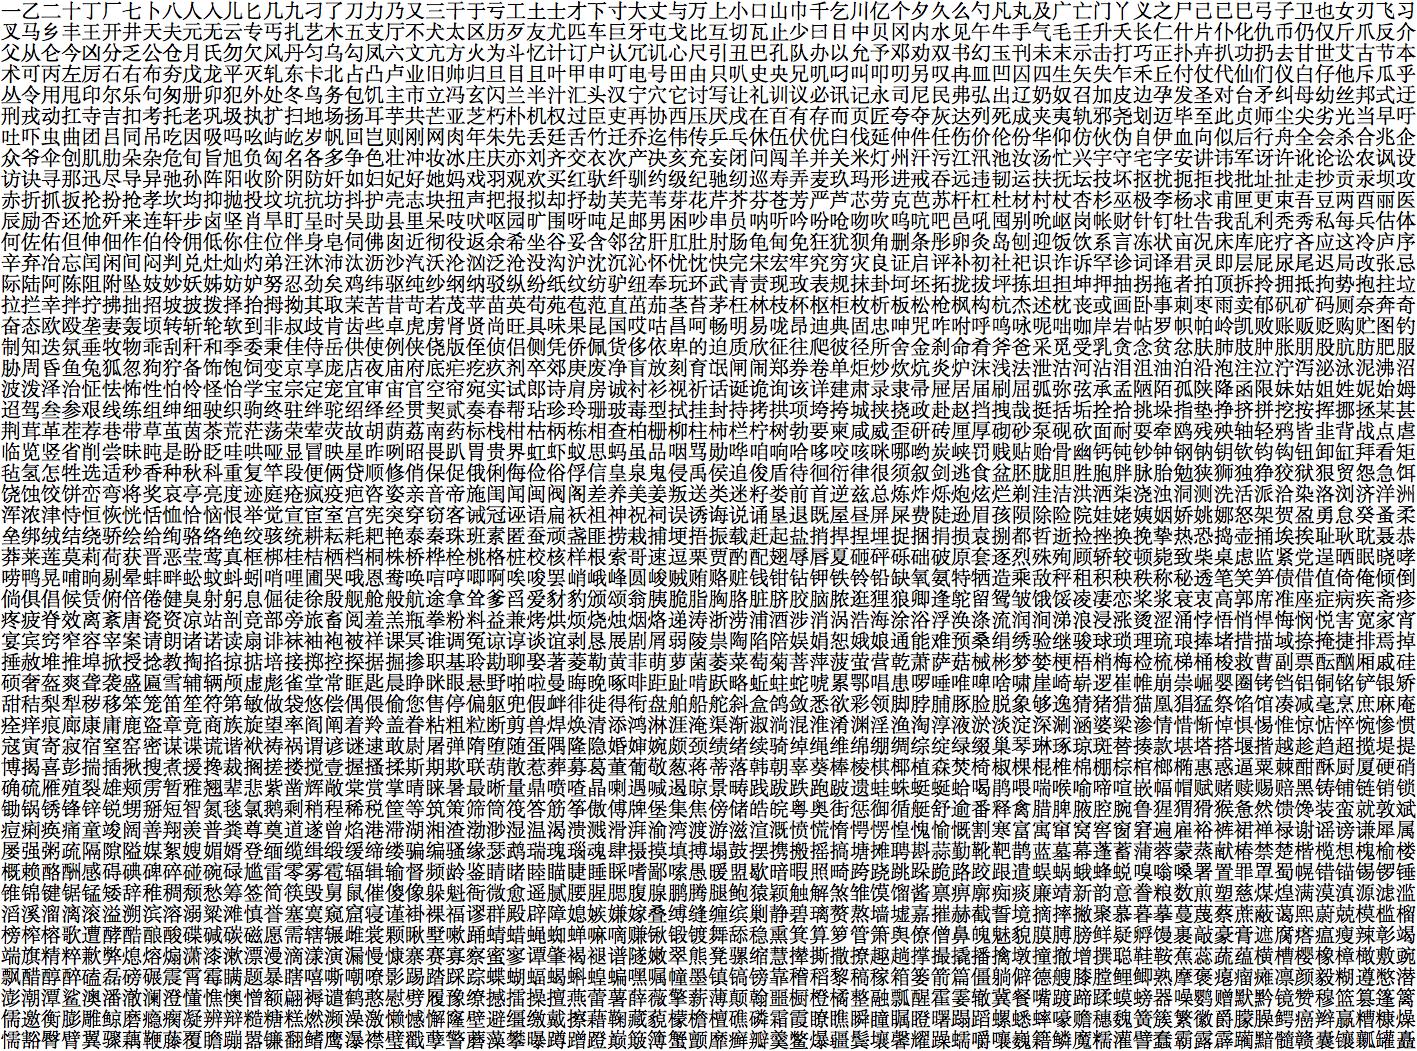 通用规范汉字表 3500一级字壁纸集 知乎